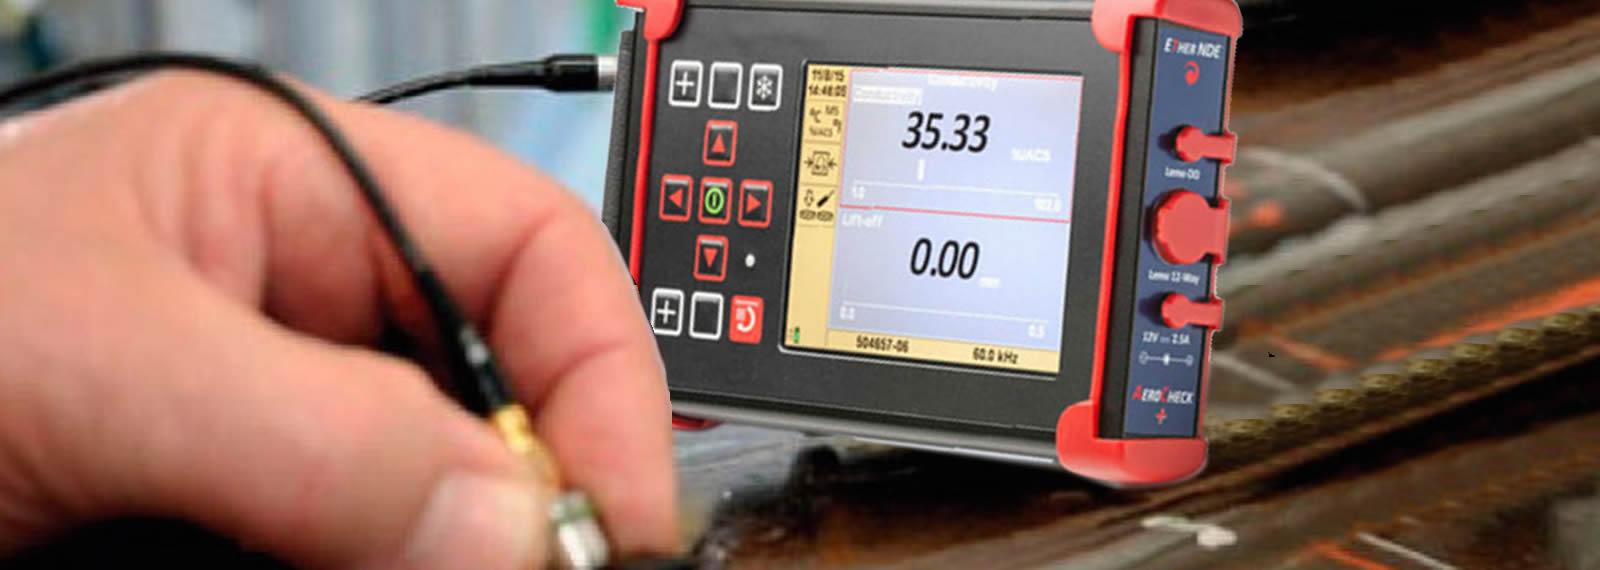 aerocheckdetector-de-falhas-por-correntes-parasitas-de-dupla-frequencia2